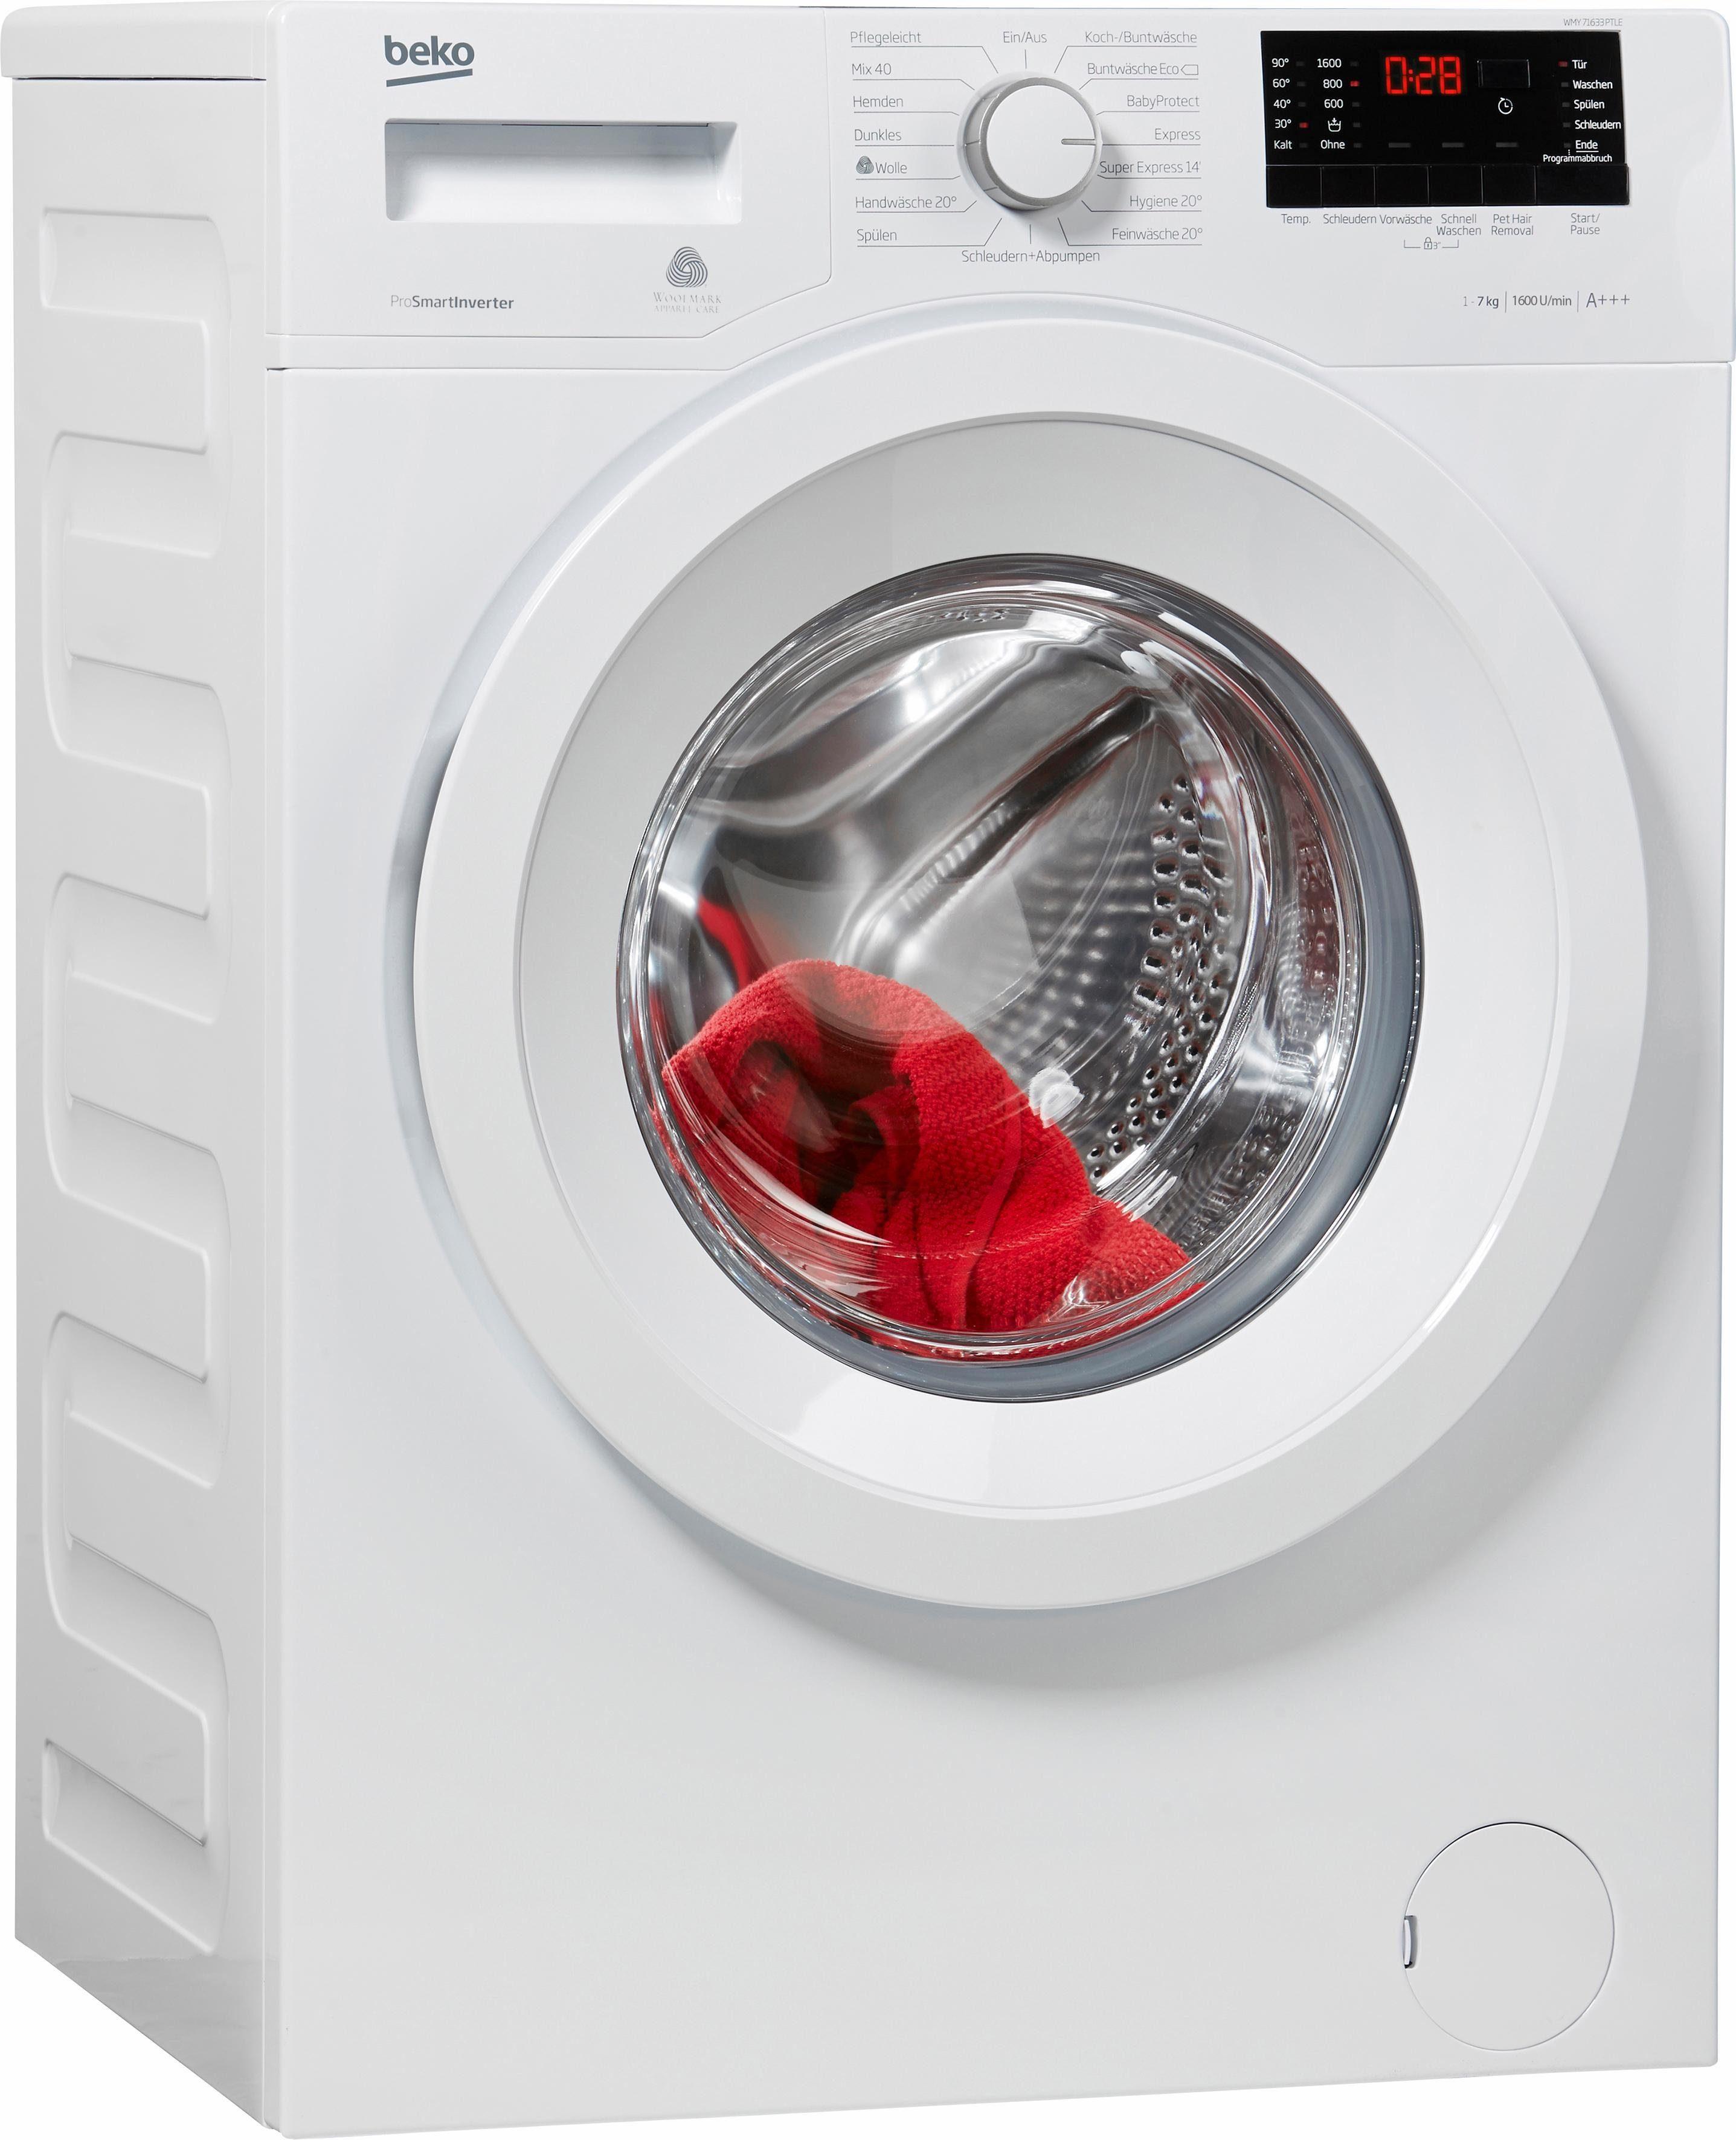 BEKO Waschmaschine WMY 71633 PTLE, A+++, 7 kg, 1600 U/Min